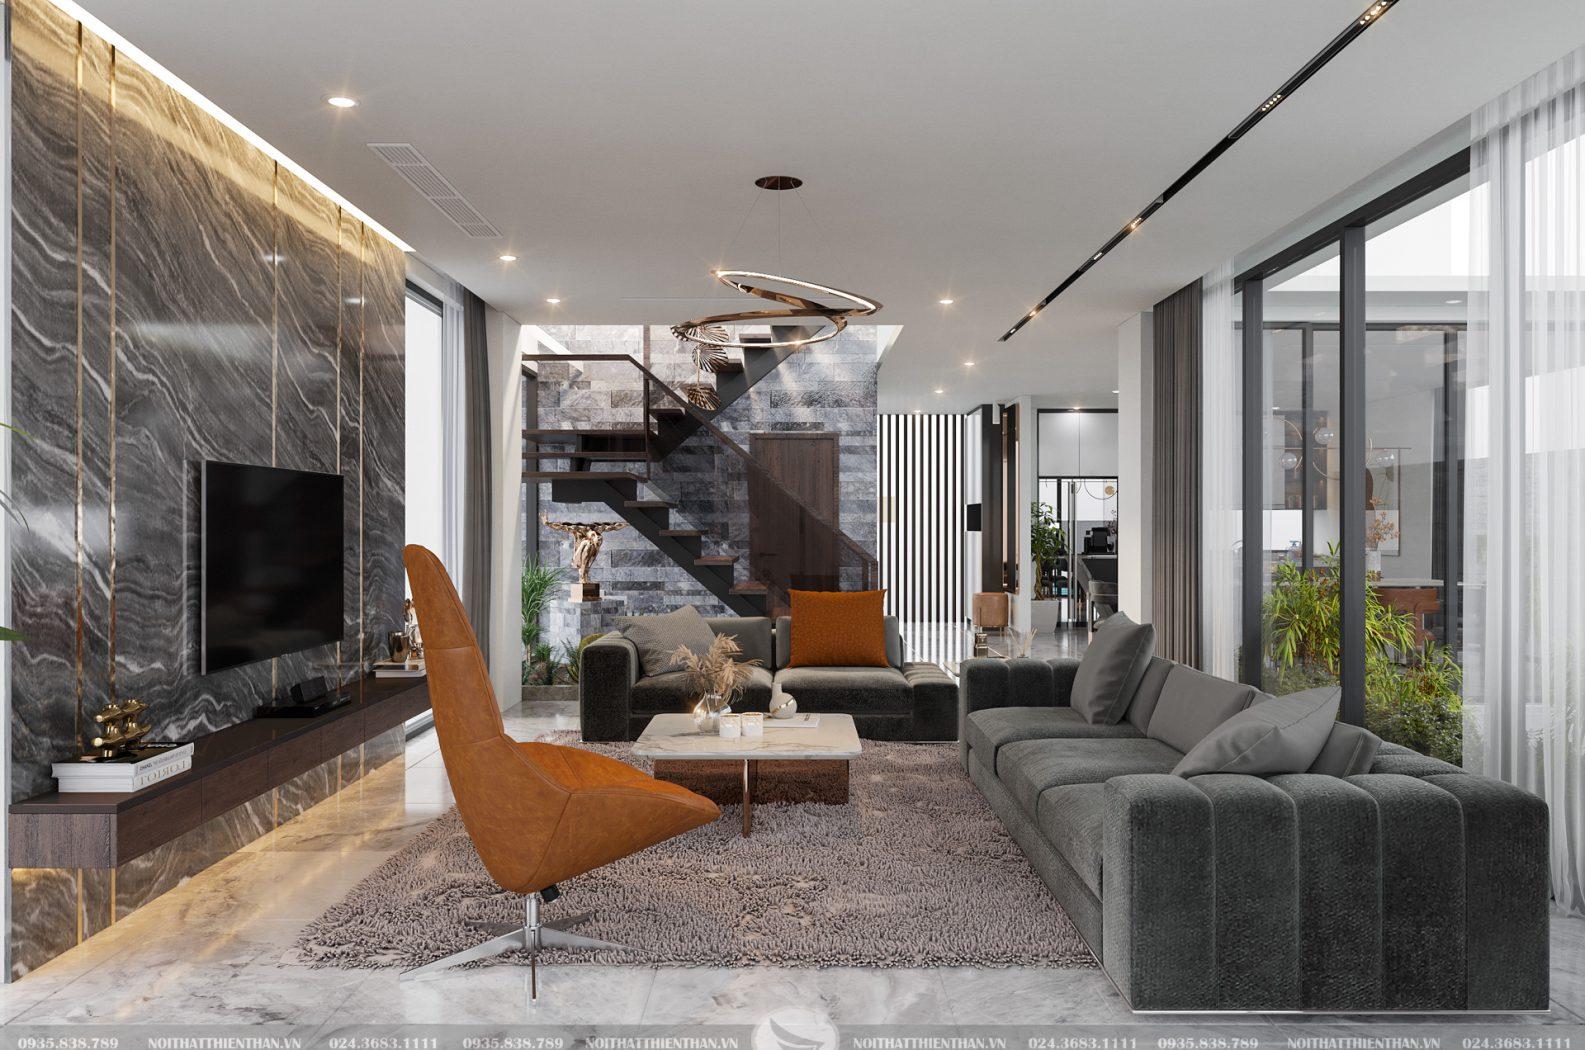 thiết kế nội thất biệt thự nghỉ dưỡng flamigo đại lãi